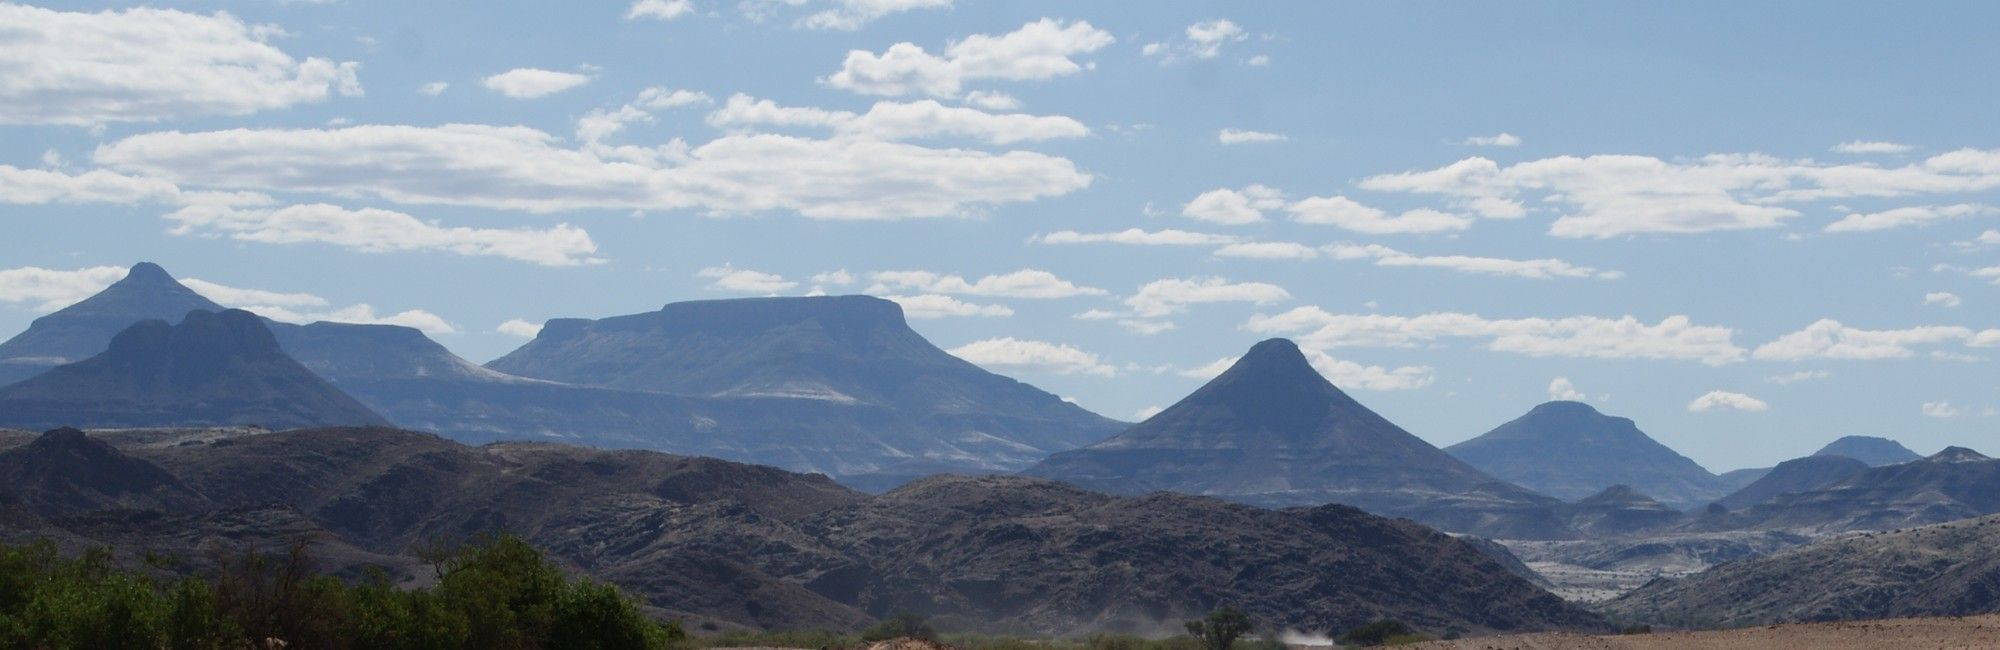 Grootberg Mountains